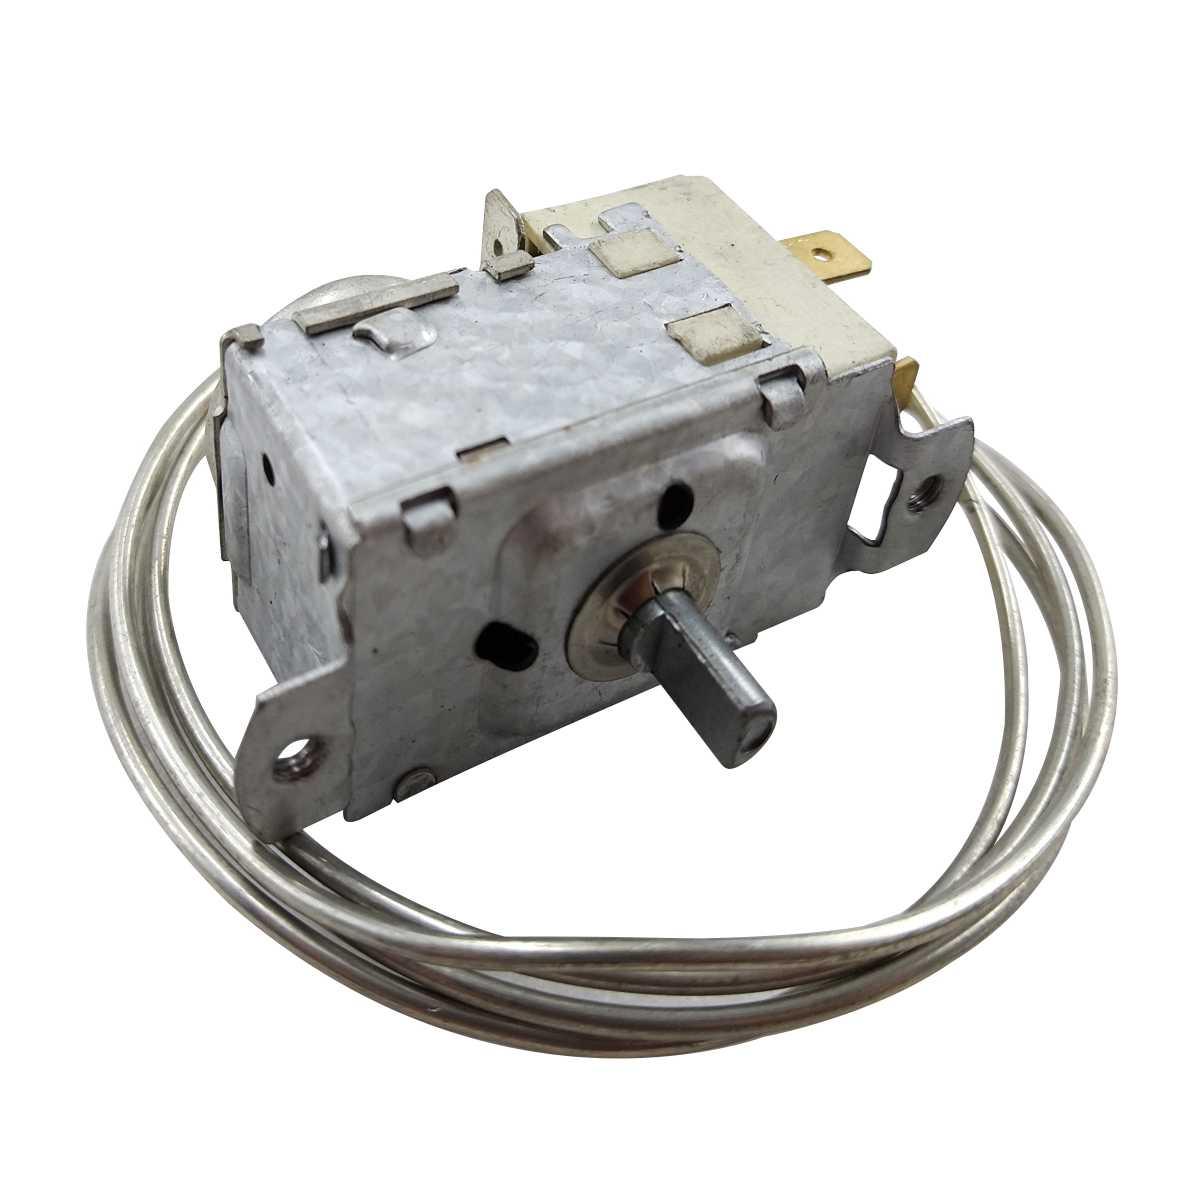 Termostato compatível geladeira Brastemp RC94012-6P